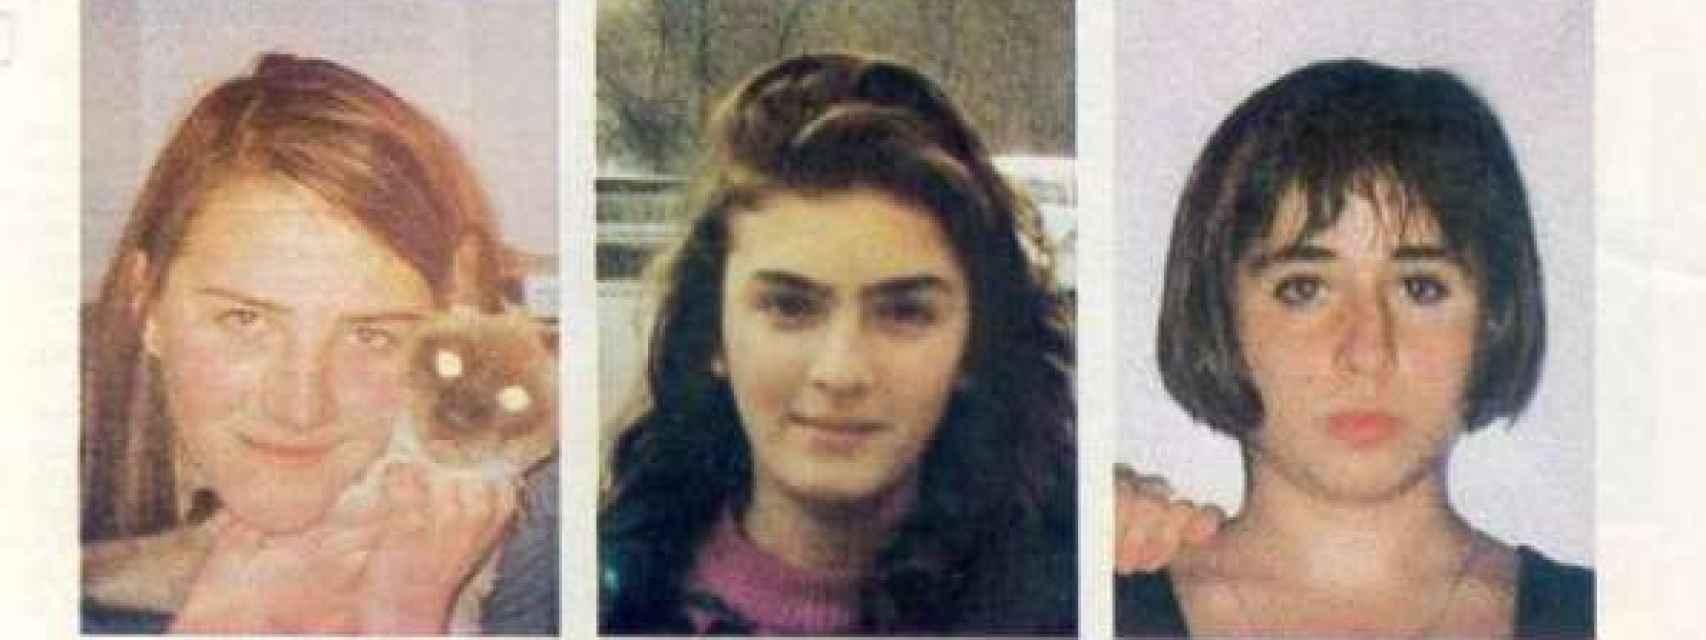 Las tres niñas desaparecieron el 13 de noviembre de 1992.